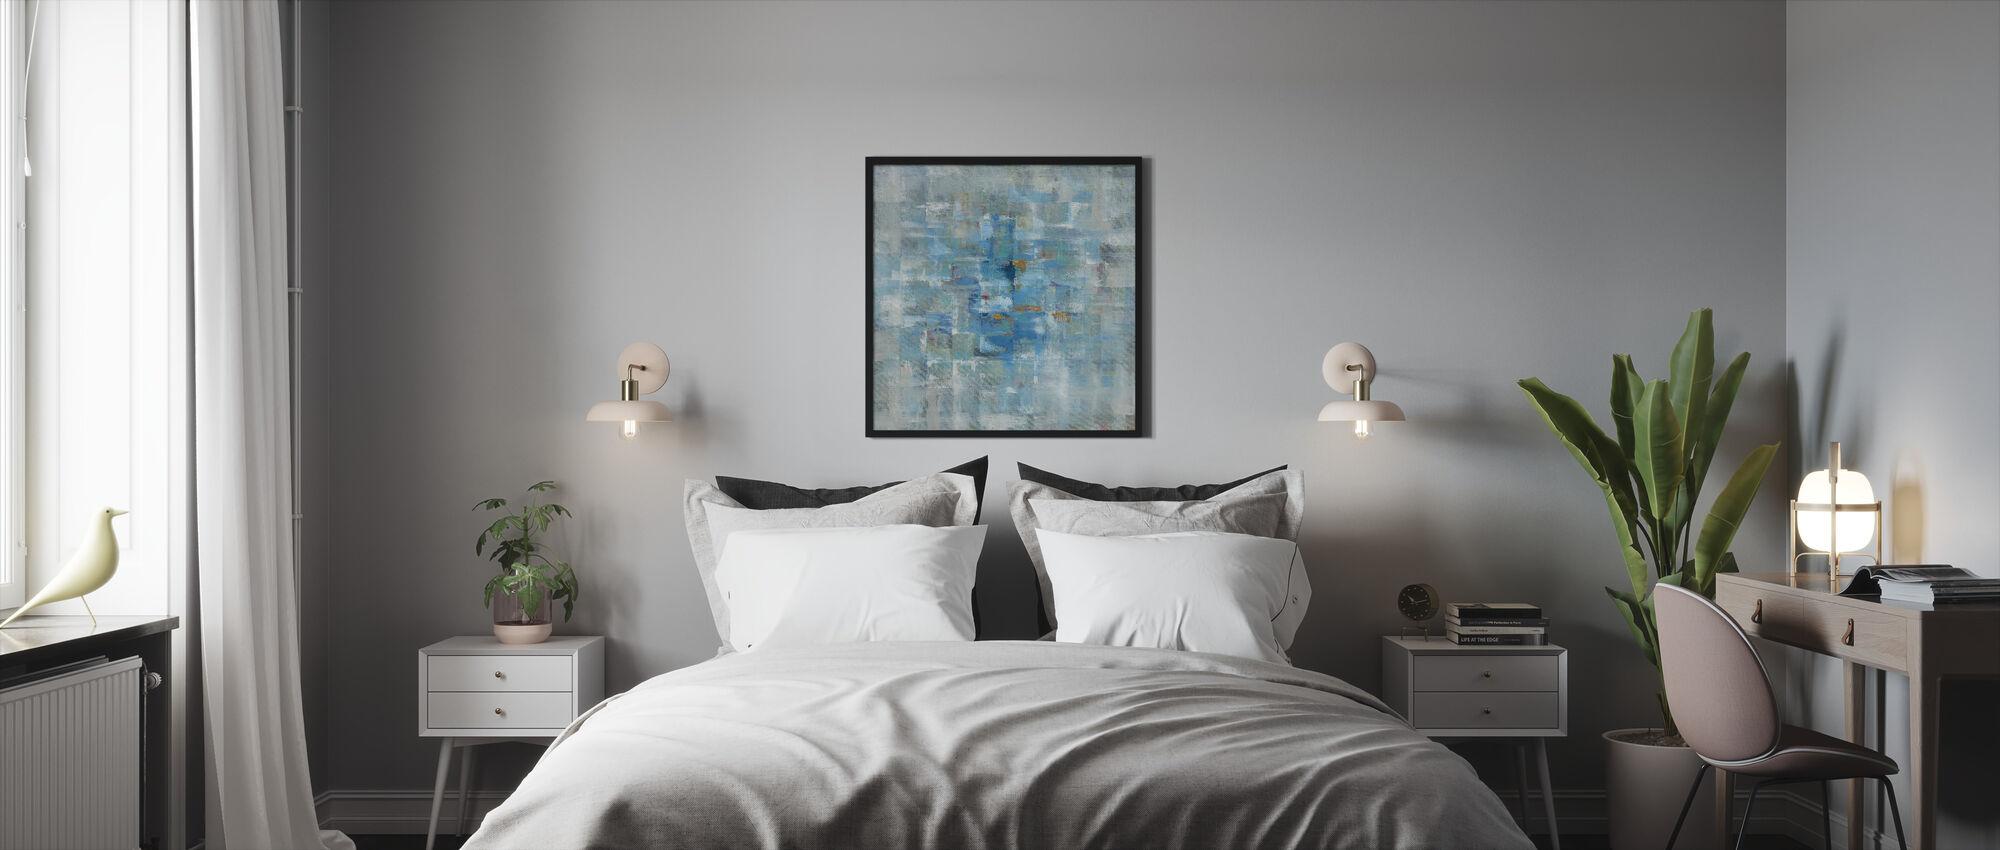 Abstrakta rutor - Inramad tavla - Sovrum